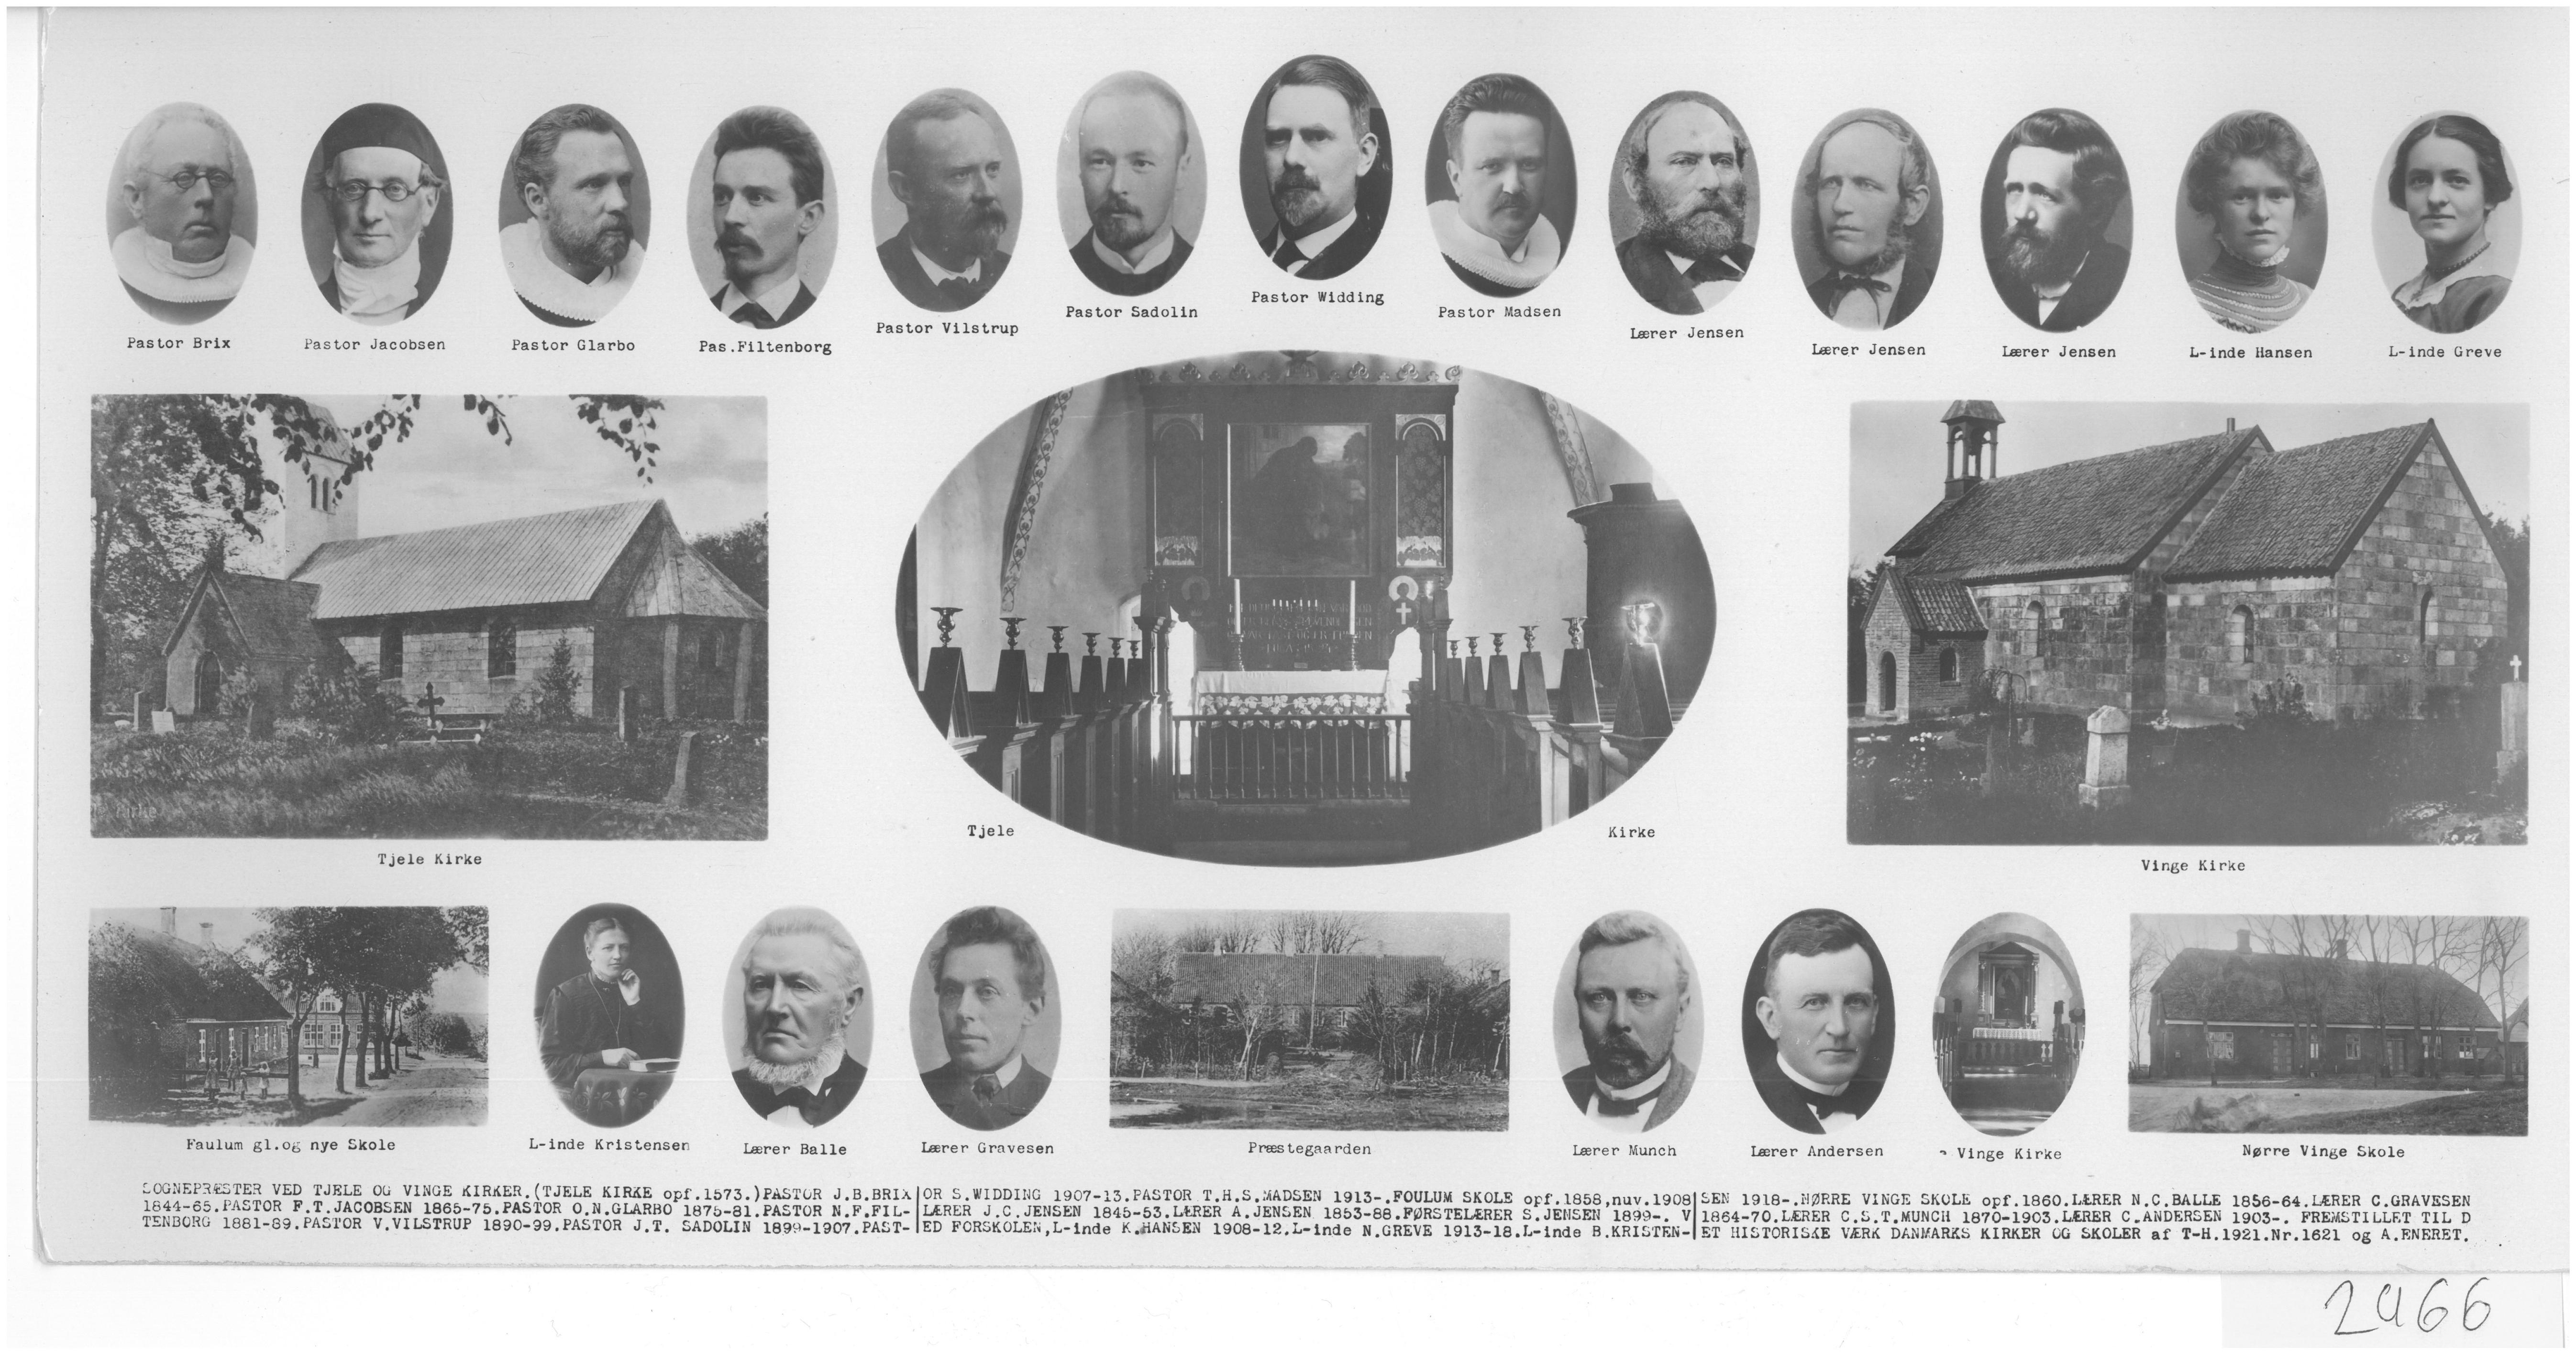 Præster og Lærer - Tjele sogn 1920